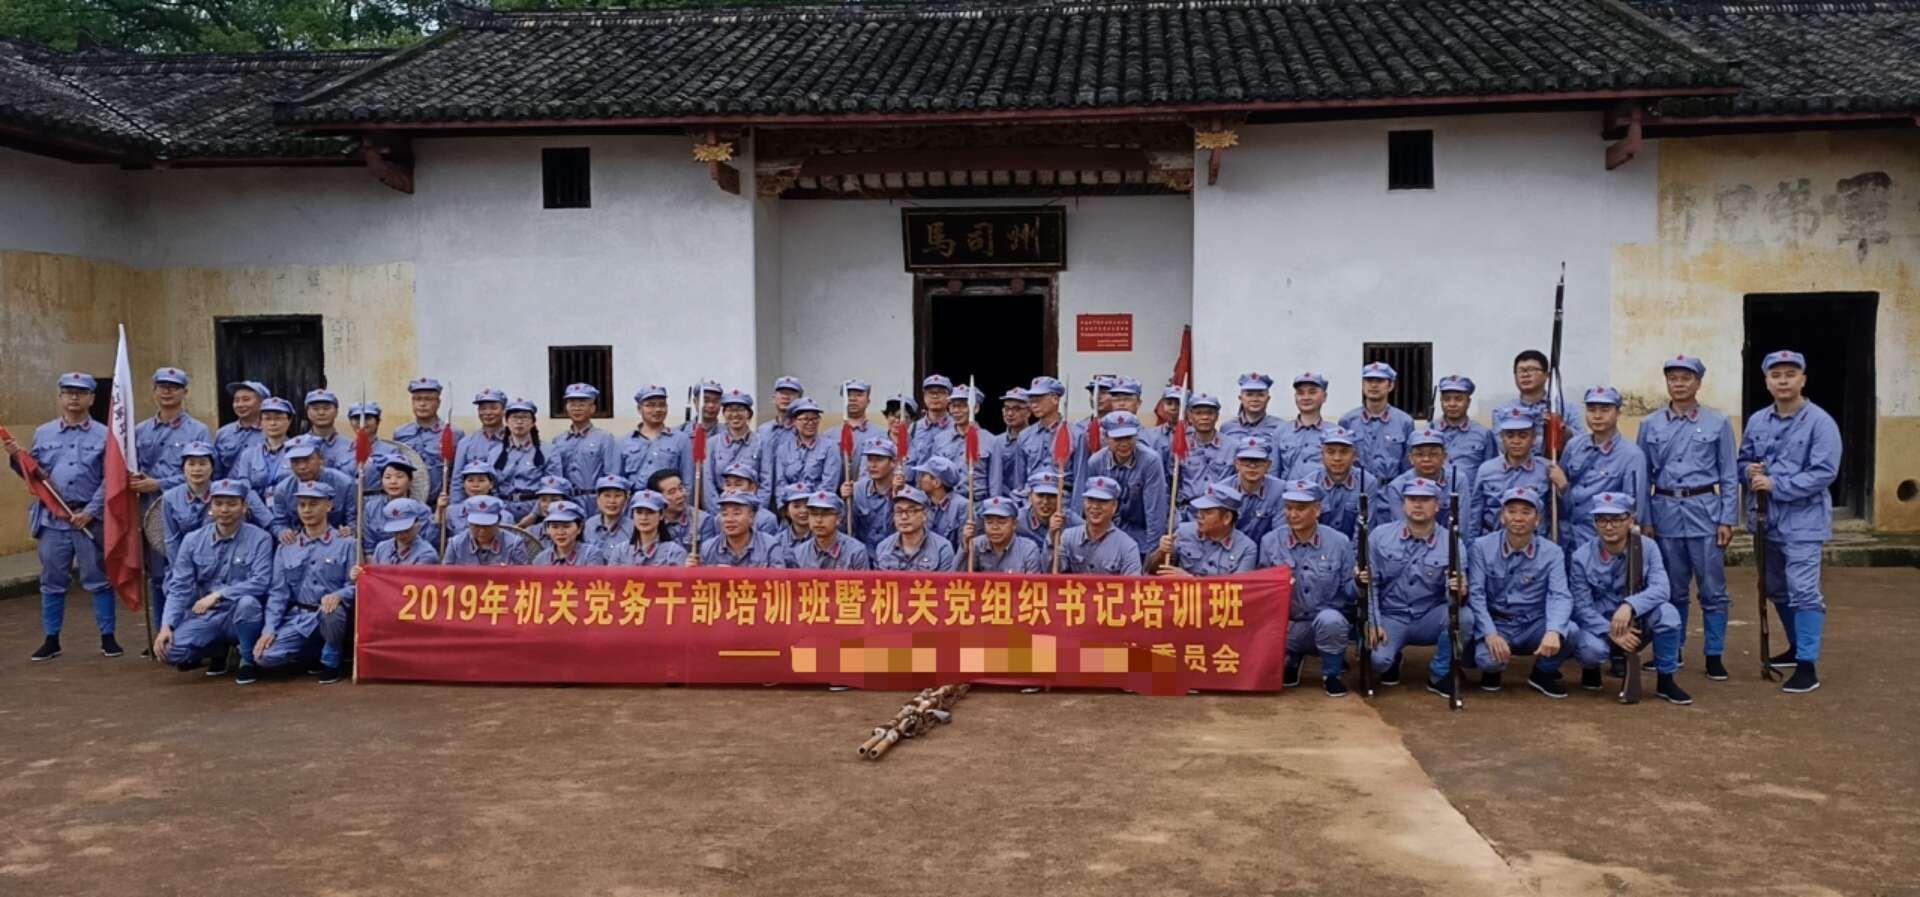 瑞金红色培训—2019年某机关党务干部培训班